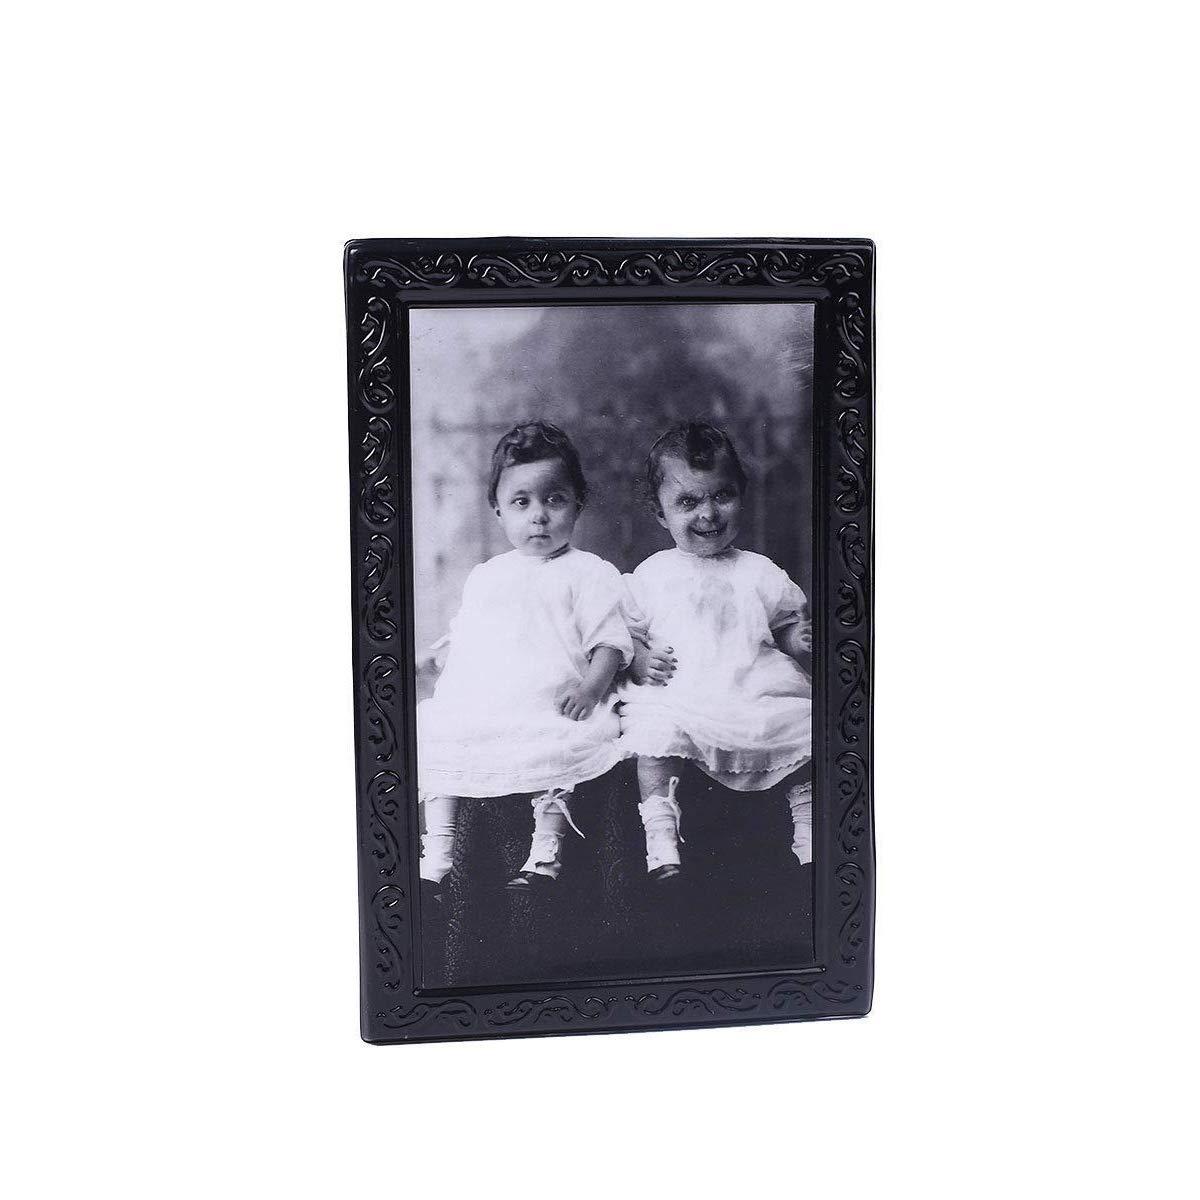 """/""""Jumeaux/"""" Grimace Visage LHXHL Halloween Horreur Cadre Photo Lenticulaire 3D Accessoires,Ghost Morphing Changement en Mouvement Haunted Peinture Cadre Maison Hant/é Party Bar Props 38 25Cm"""